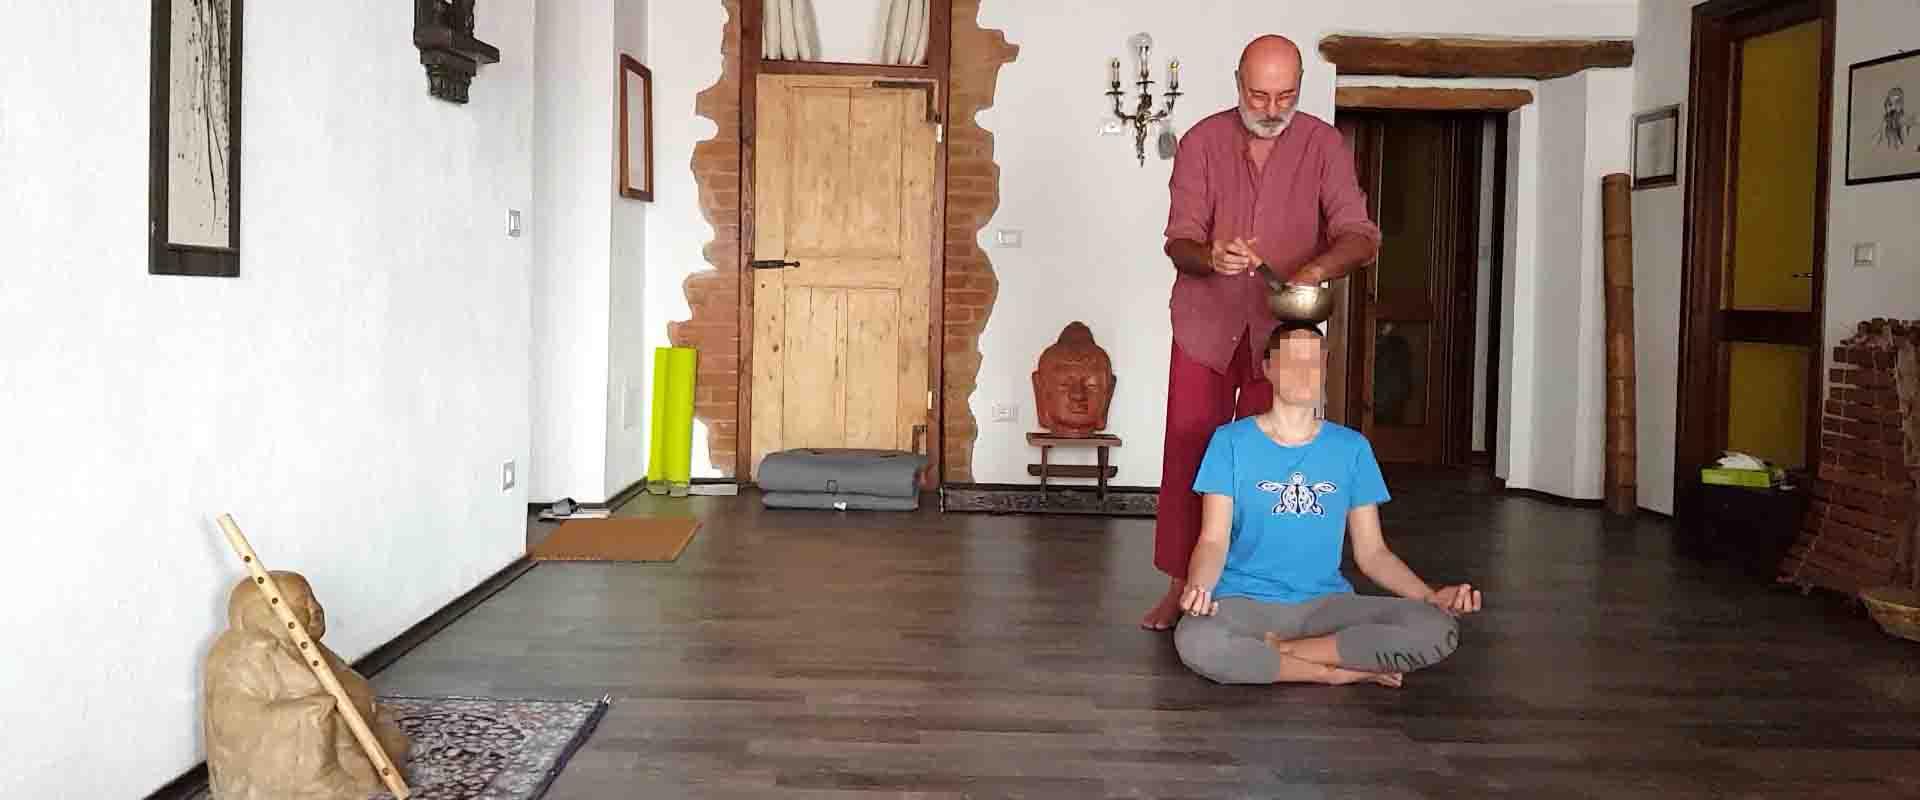 Bagno sonoro tibetano 7 chakra Vipal Antonio Gianfranco Gualdi centro meditazione Zorba Il Buddha